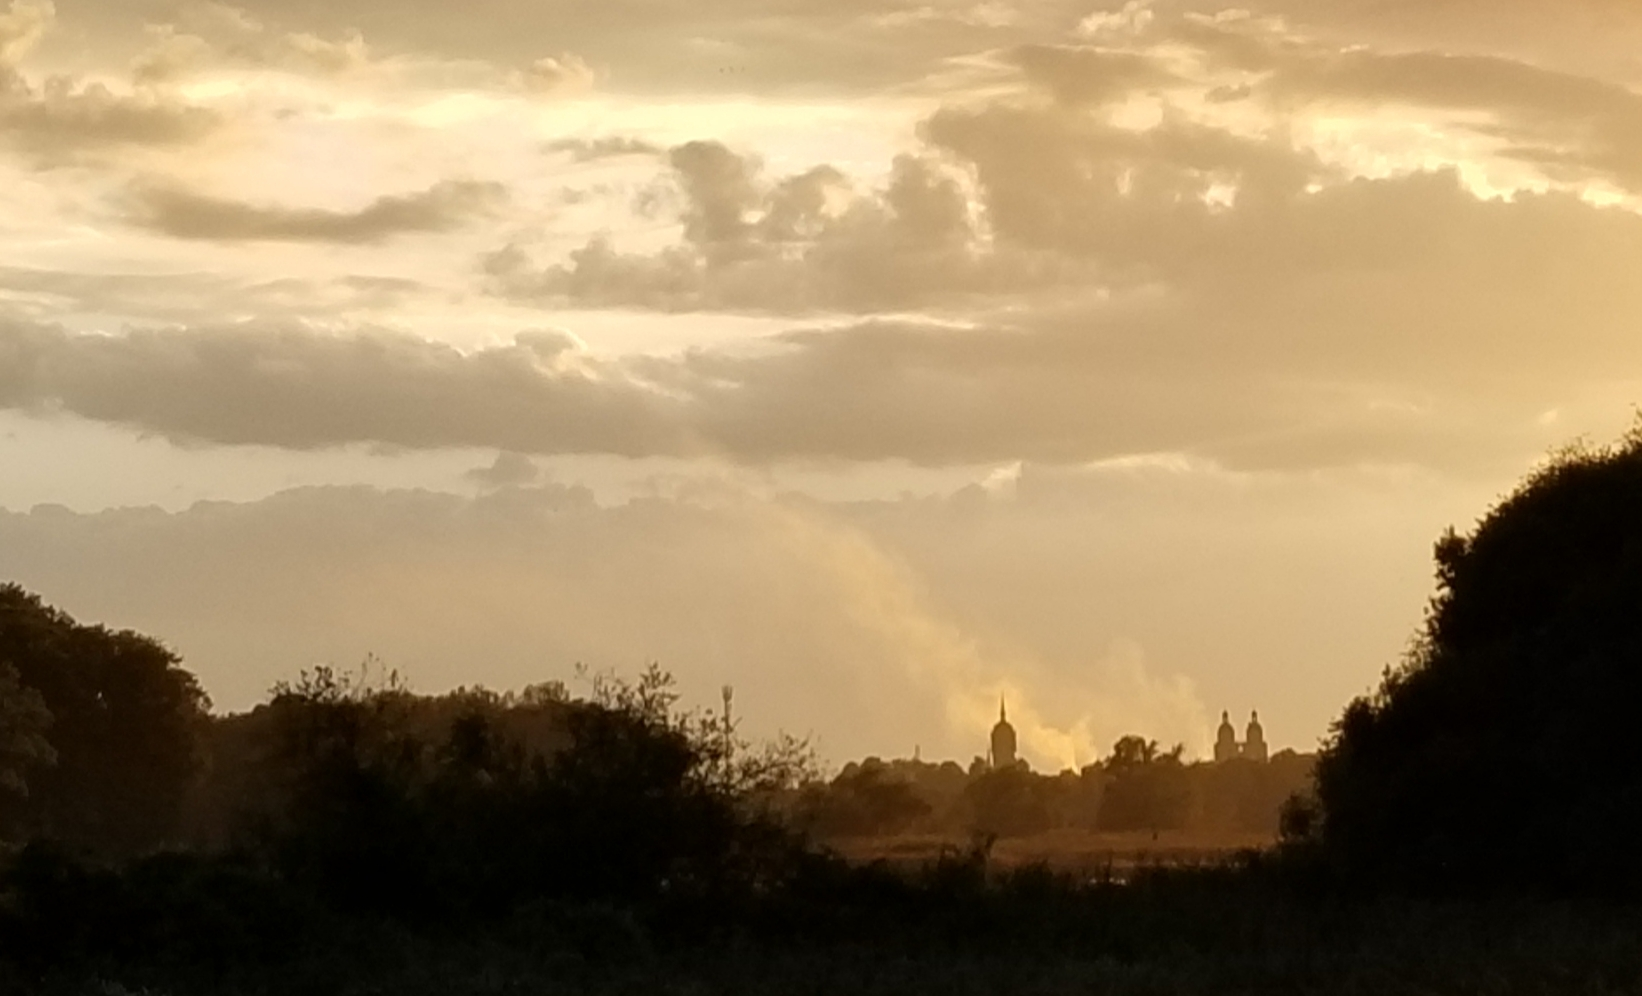 Sunset over the Wittenberg skyline.